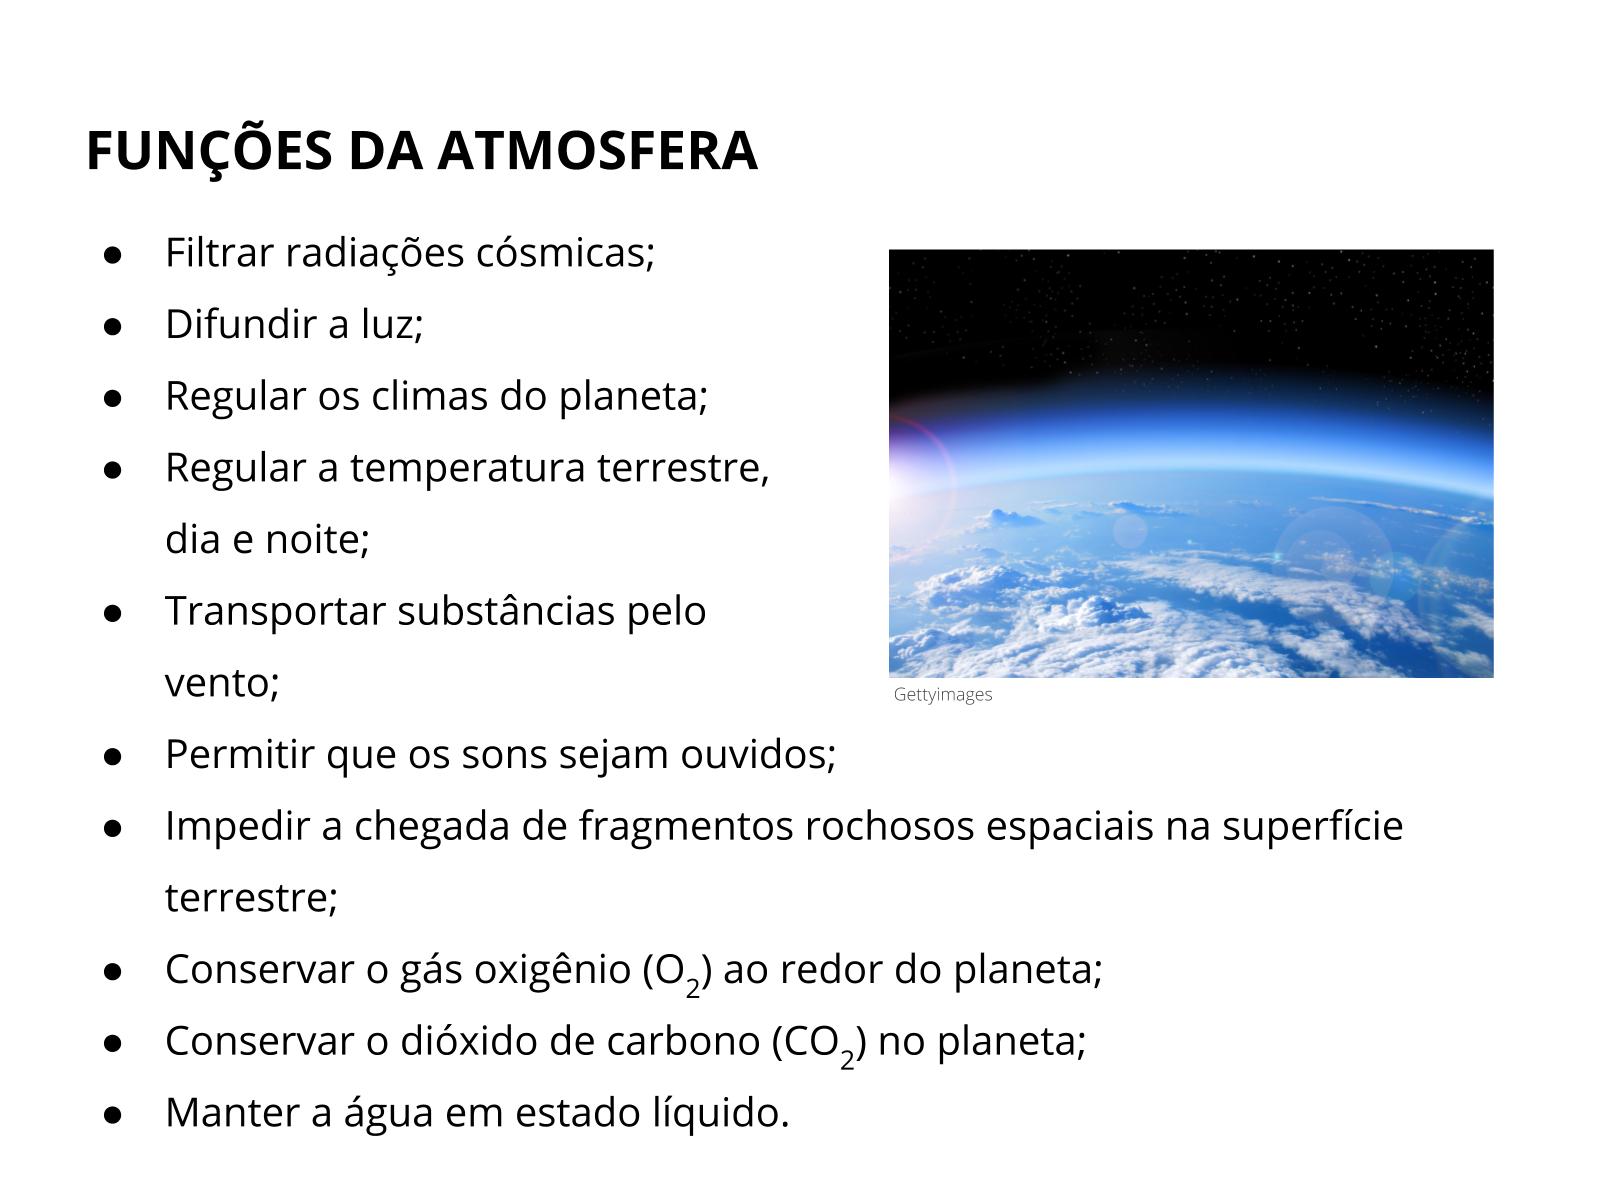 A atmosfera e a vida na Terra